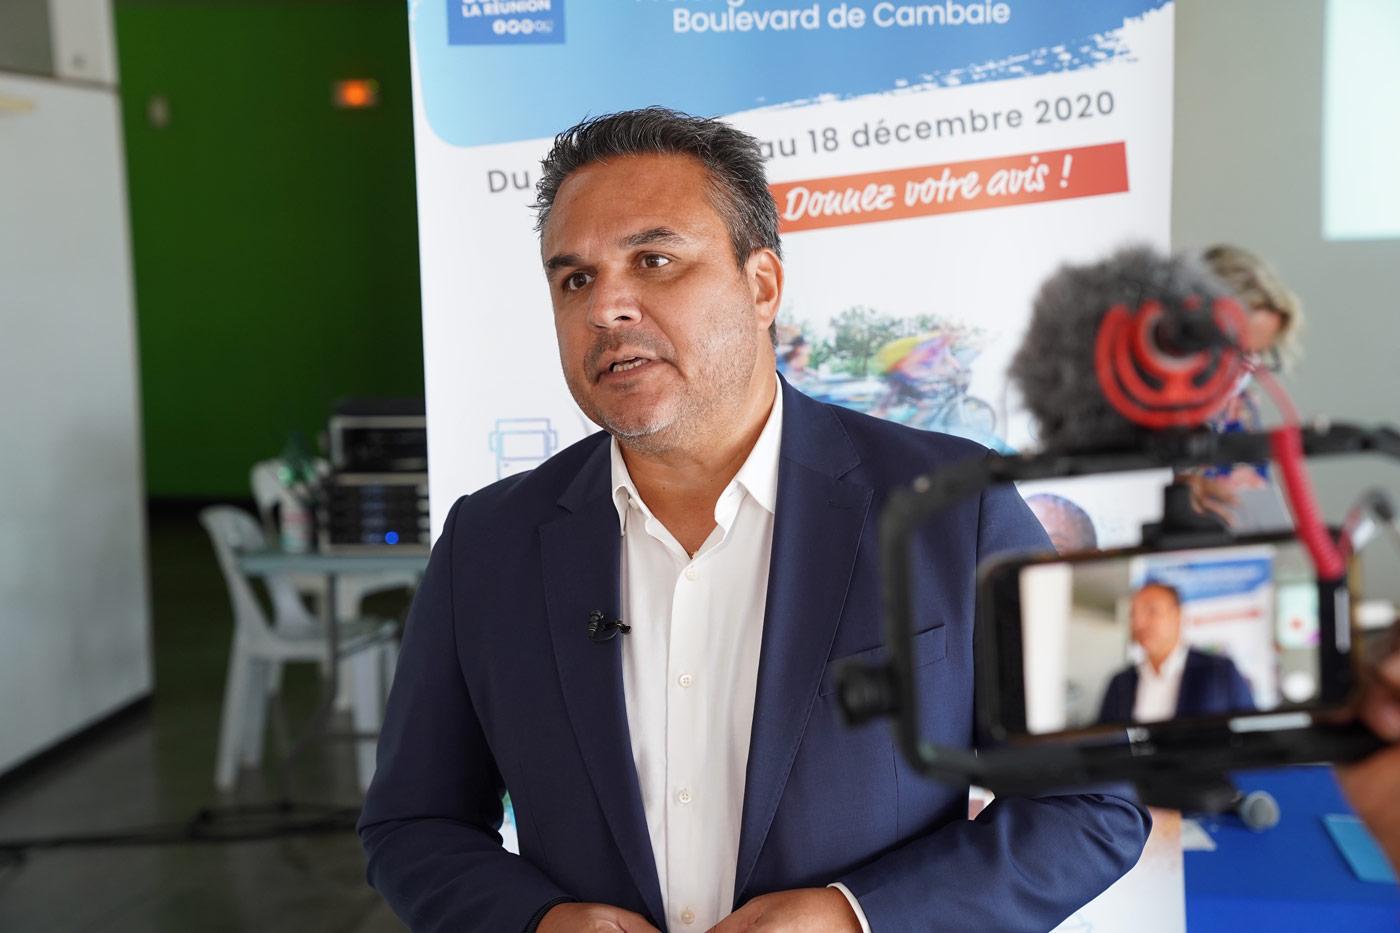 Lancement de la concertation préalable : Prolongement de l'axe mixte - Boulevard de Cambaie - Saint-Paul